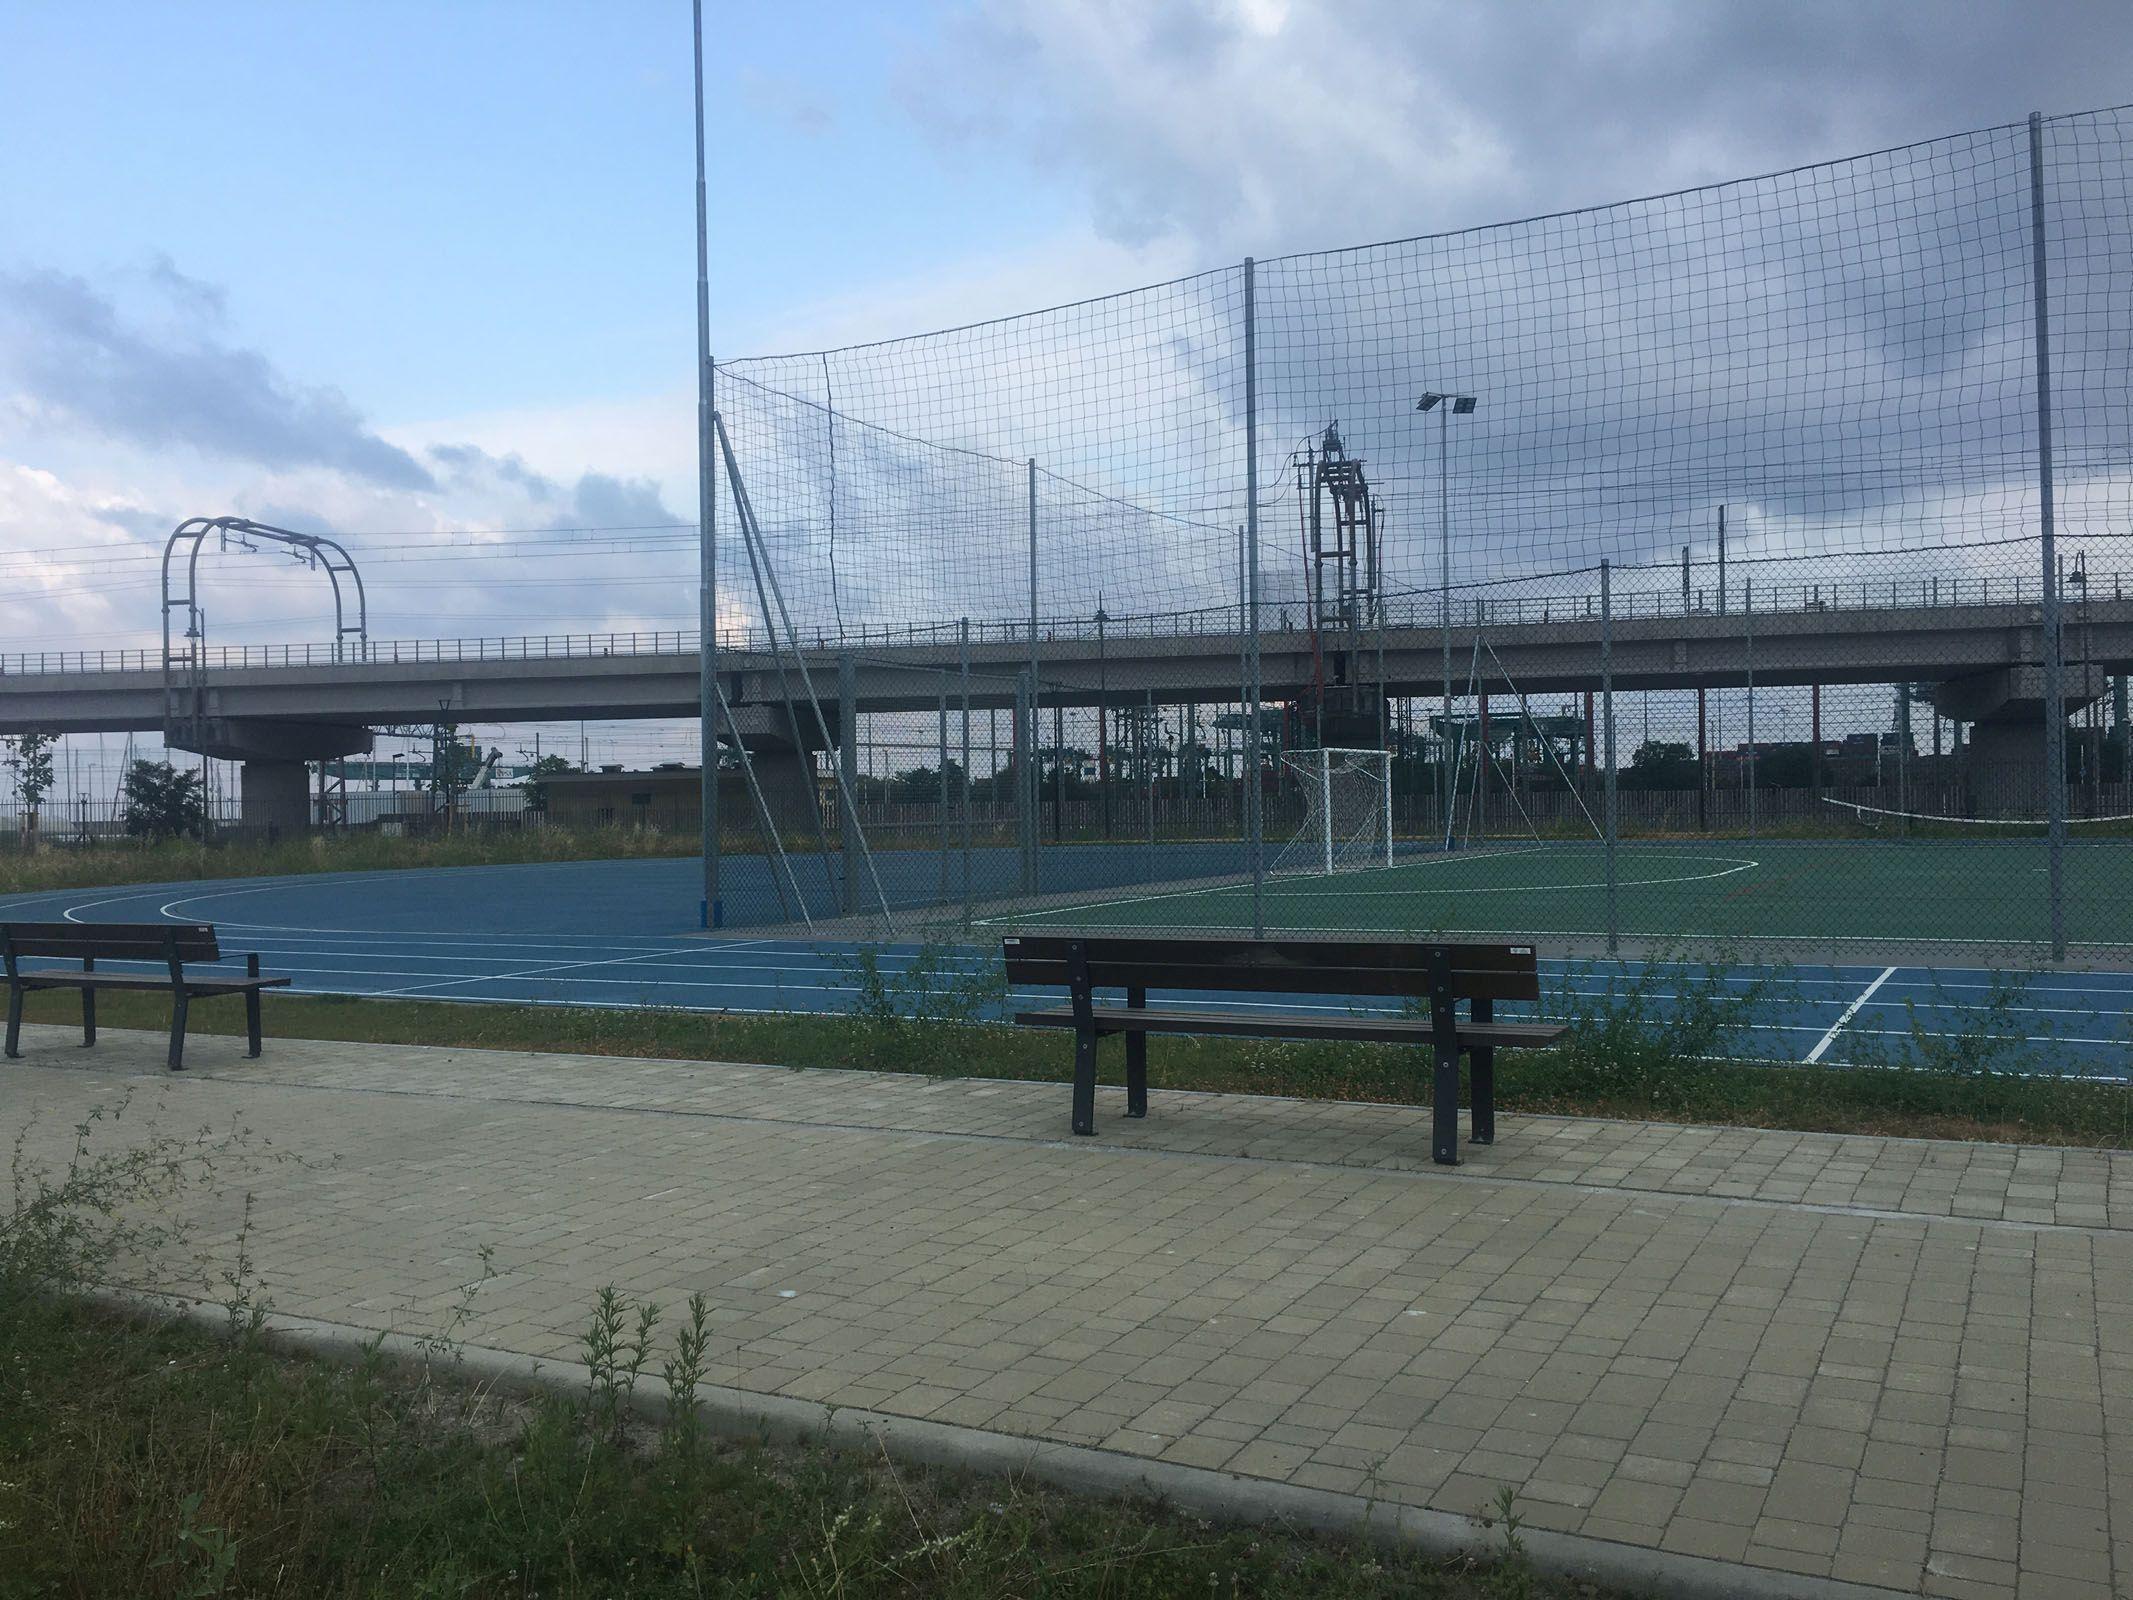 Parco_levante